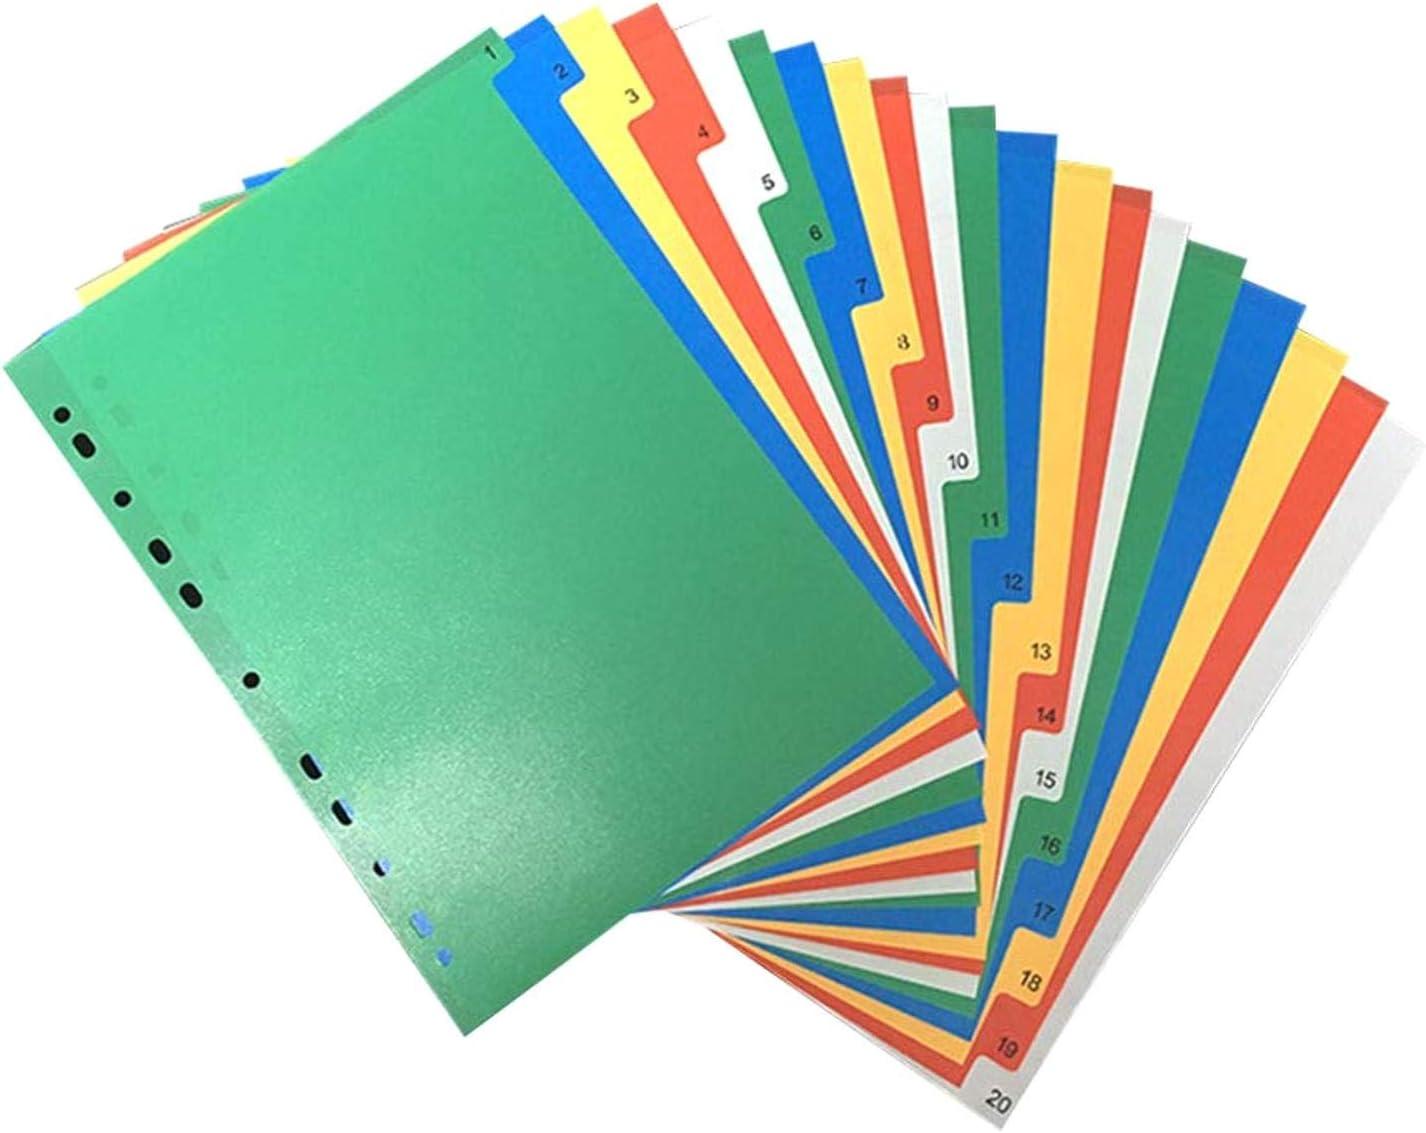 NHOUYAO 20 p/áginas A4 Carpeta /Índice de separadores de p/ágina Las Etiquetas de pl/ástico Clasificados Tab divisores Color n/úmero Impreso